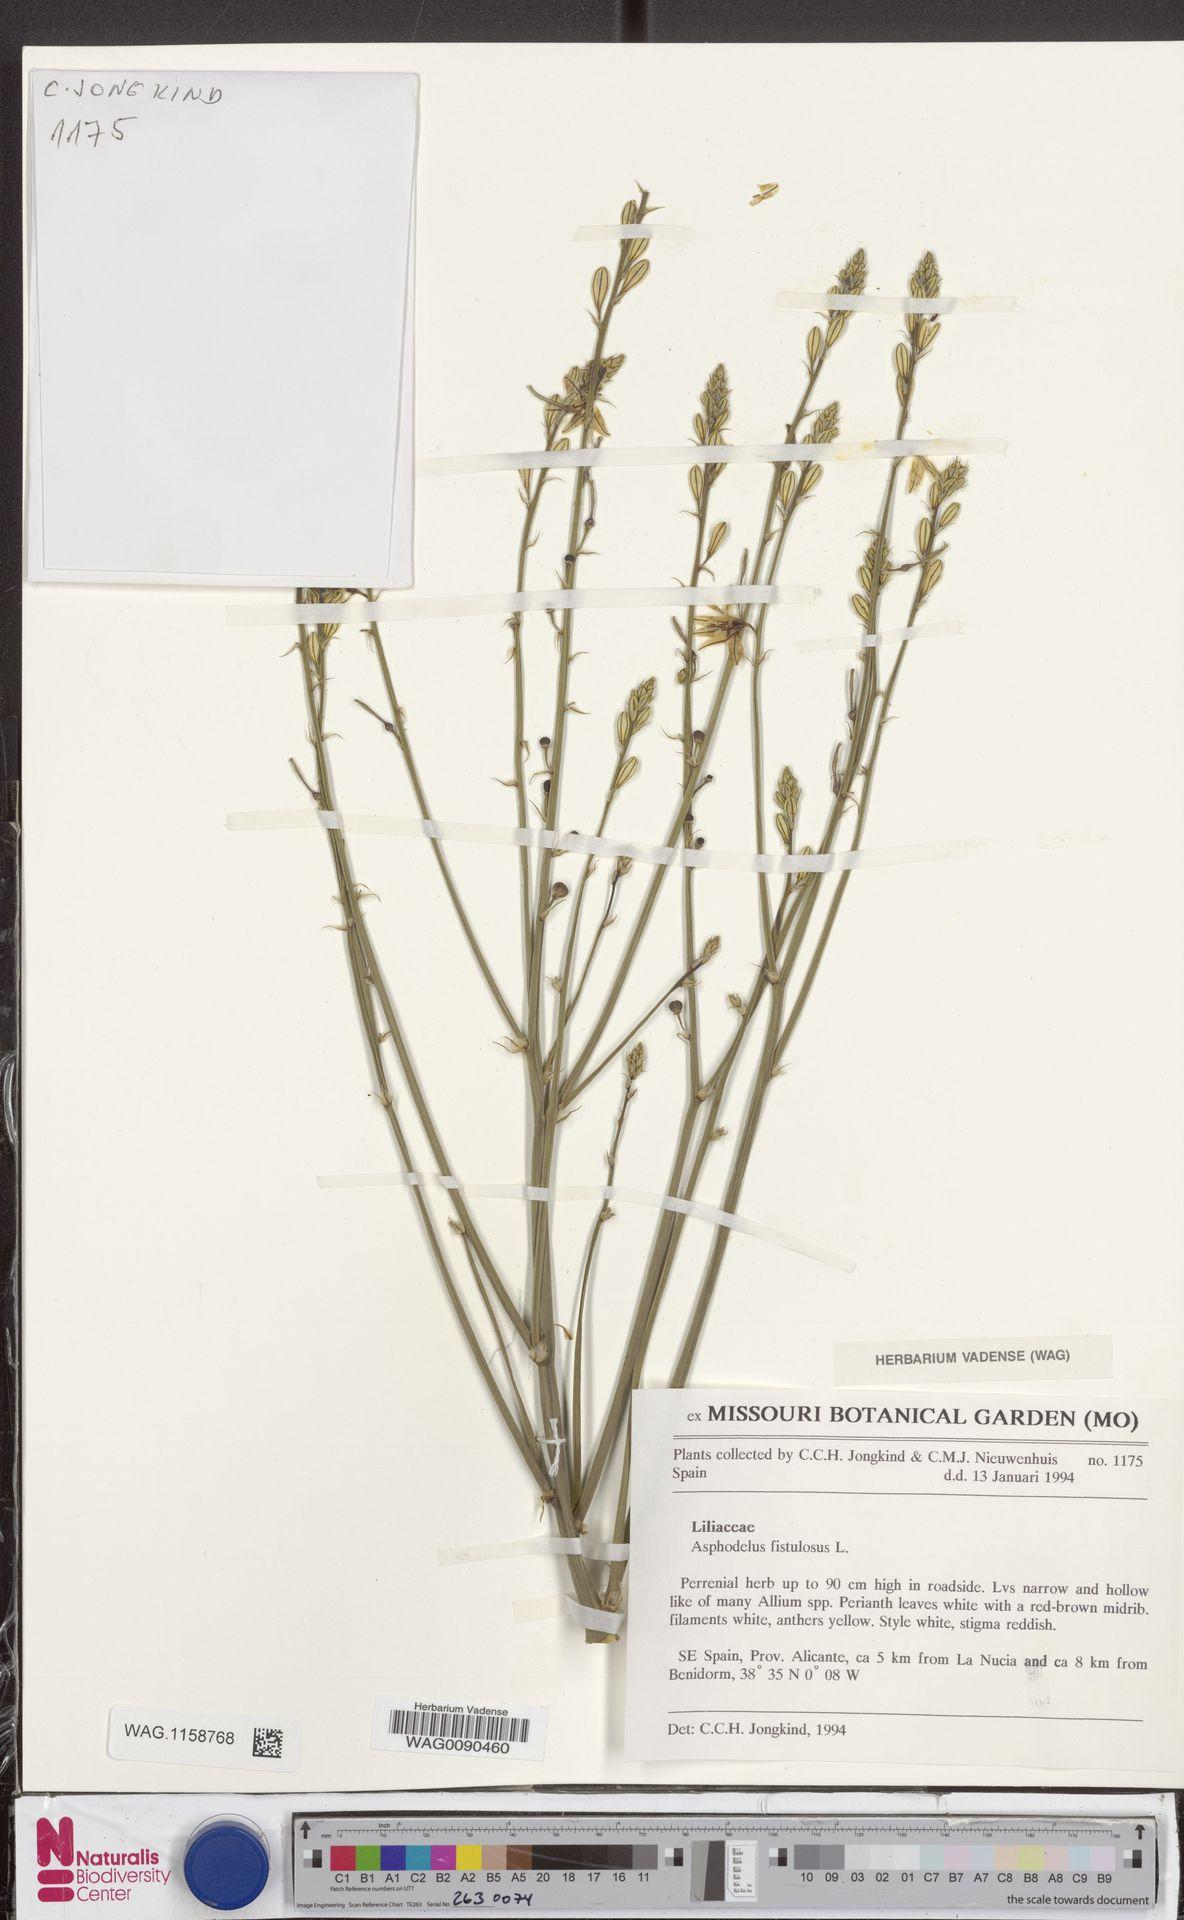 WAG.1158768   Asphodelus fistulosus L.